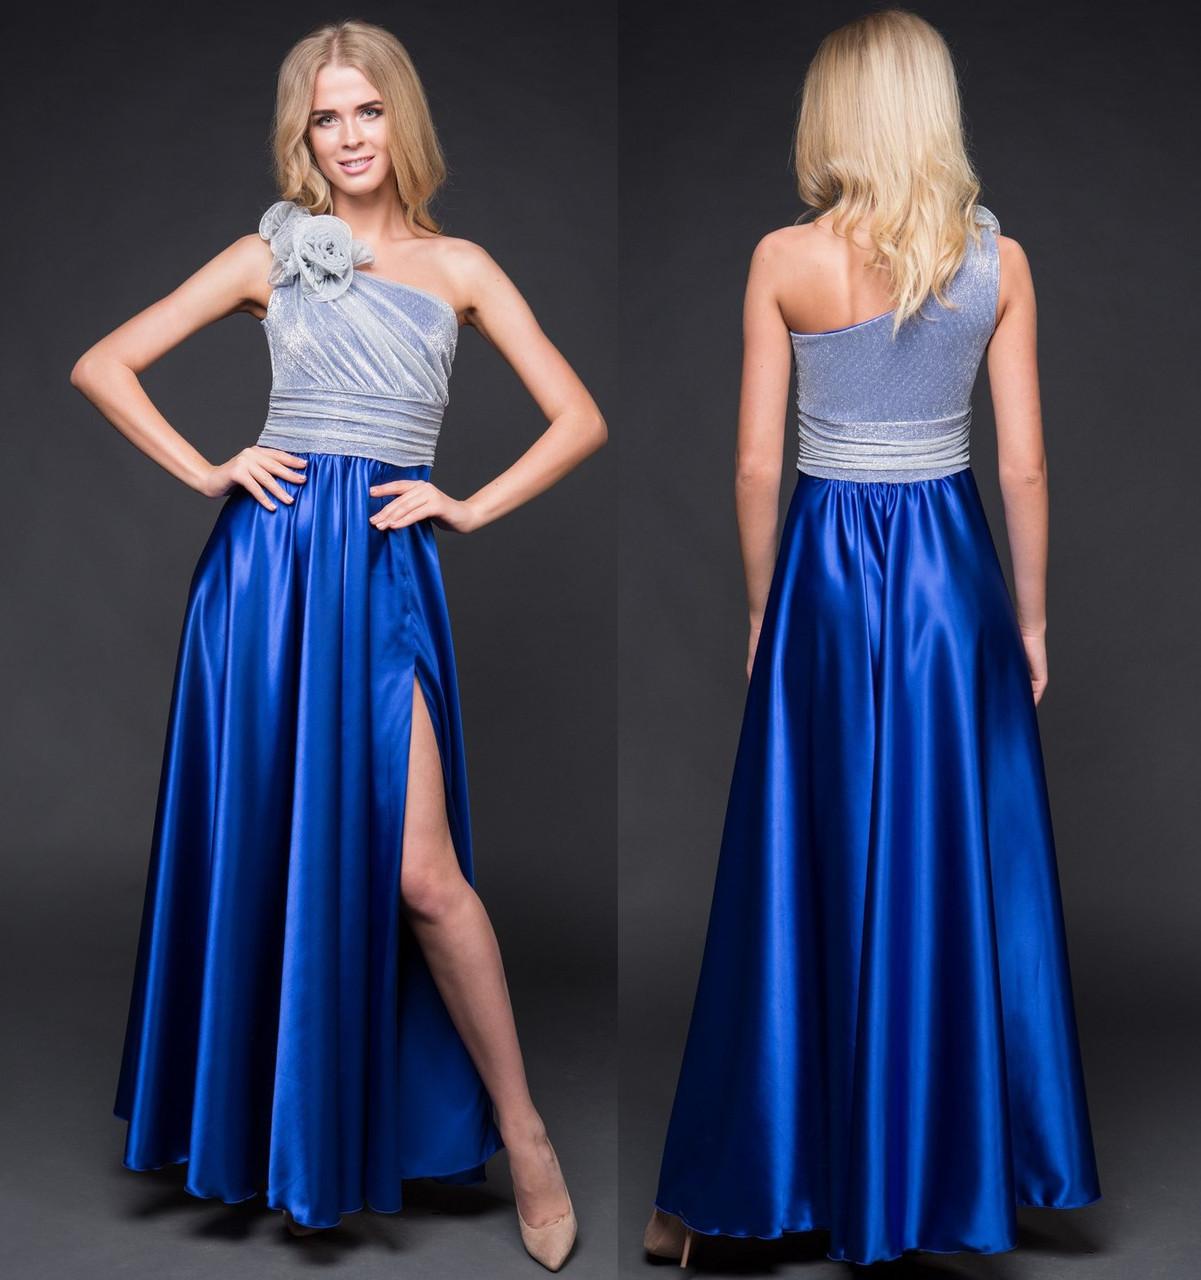 992ef3cd414e23d Платье длинное вечернее с цветком. Синее, 5 цветов. Р-ры: 42-44 и 46 ...